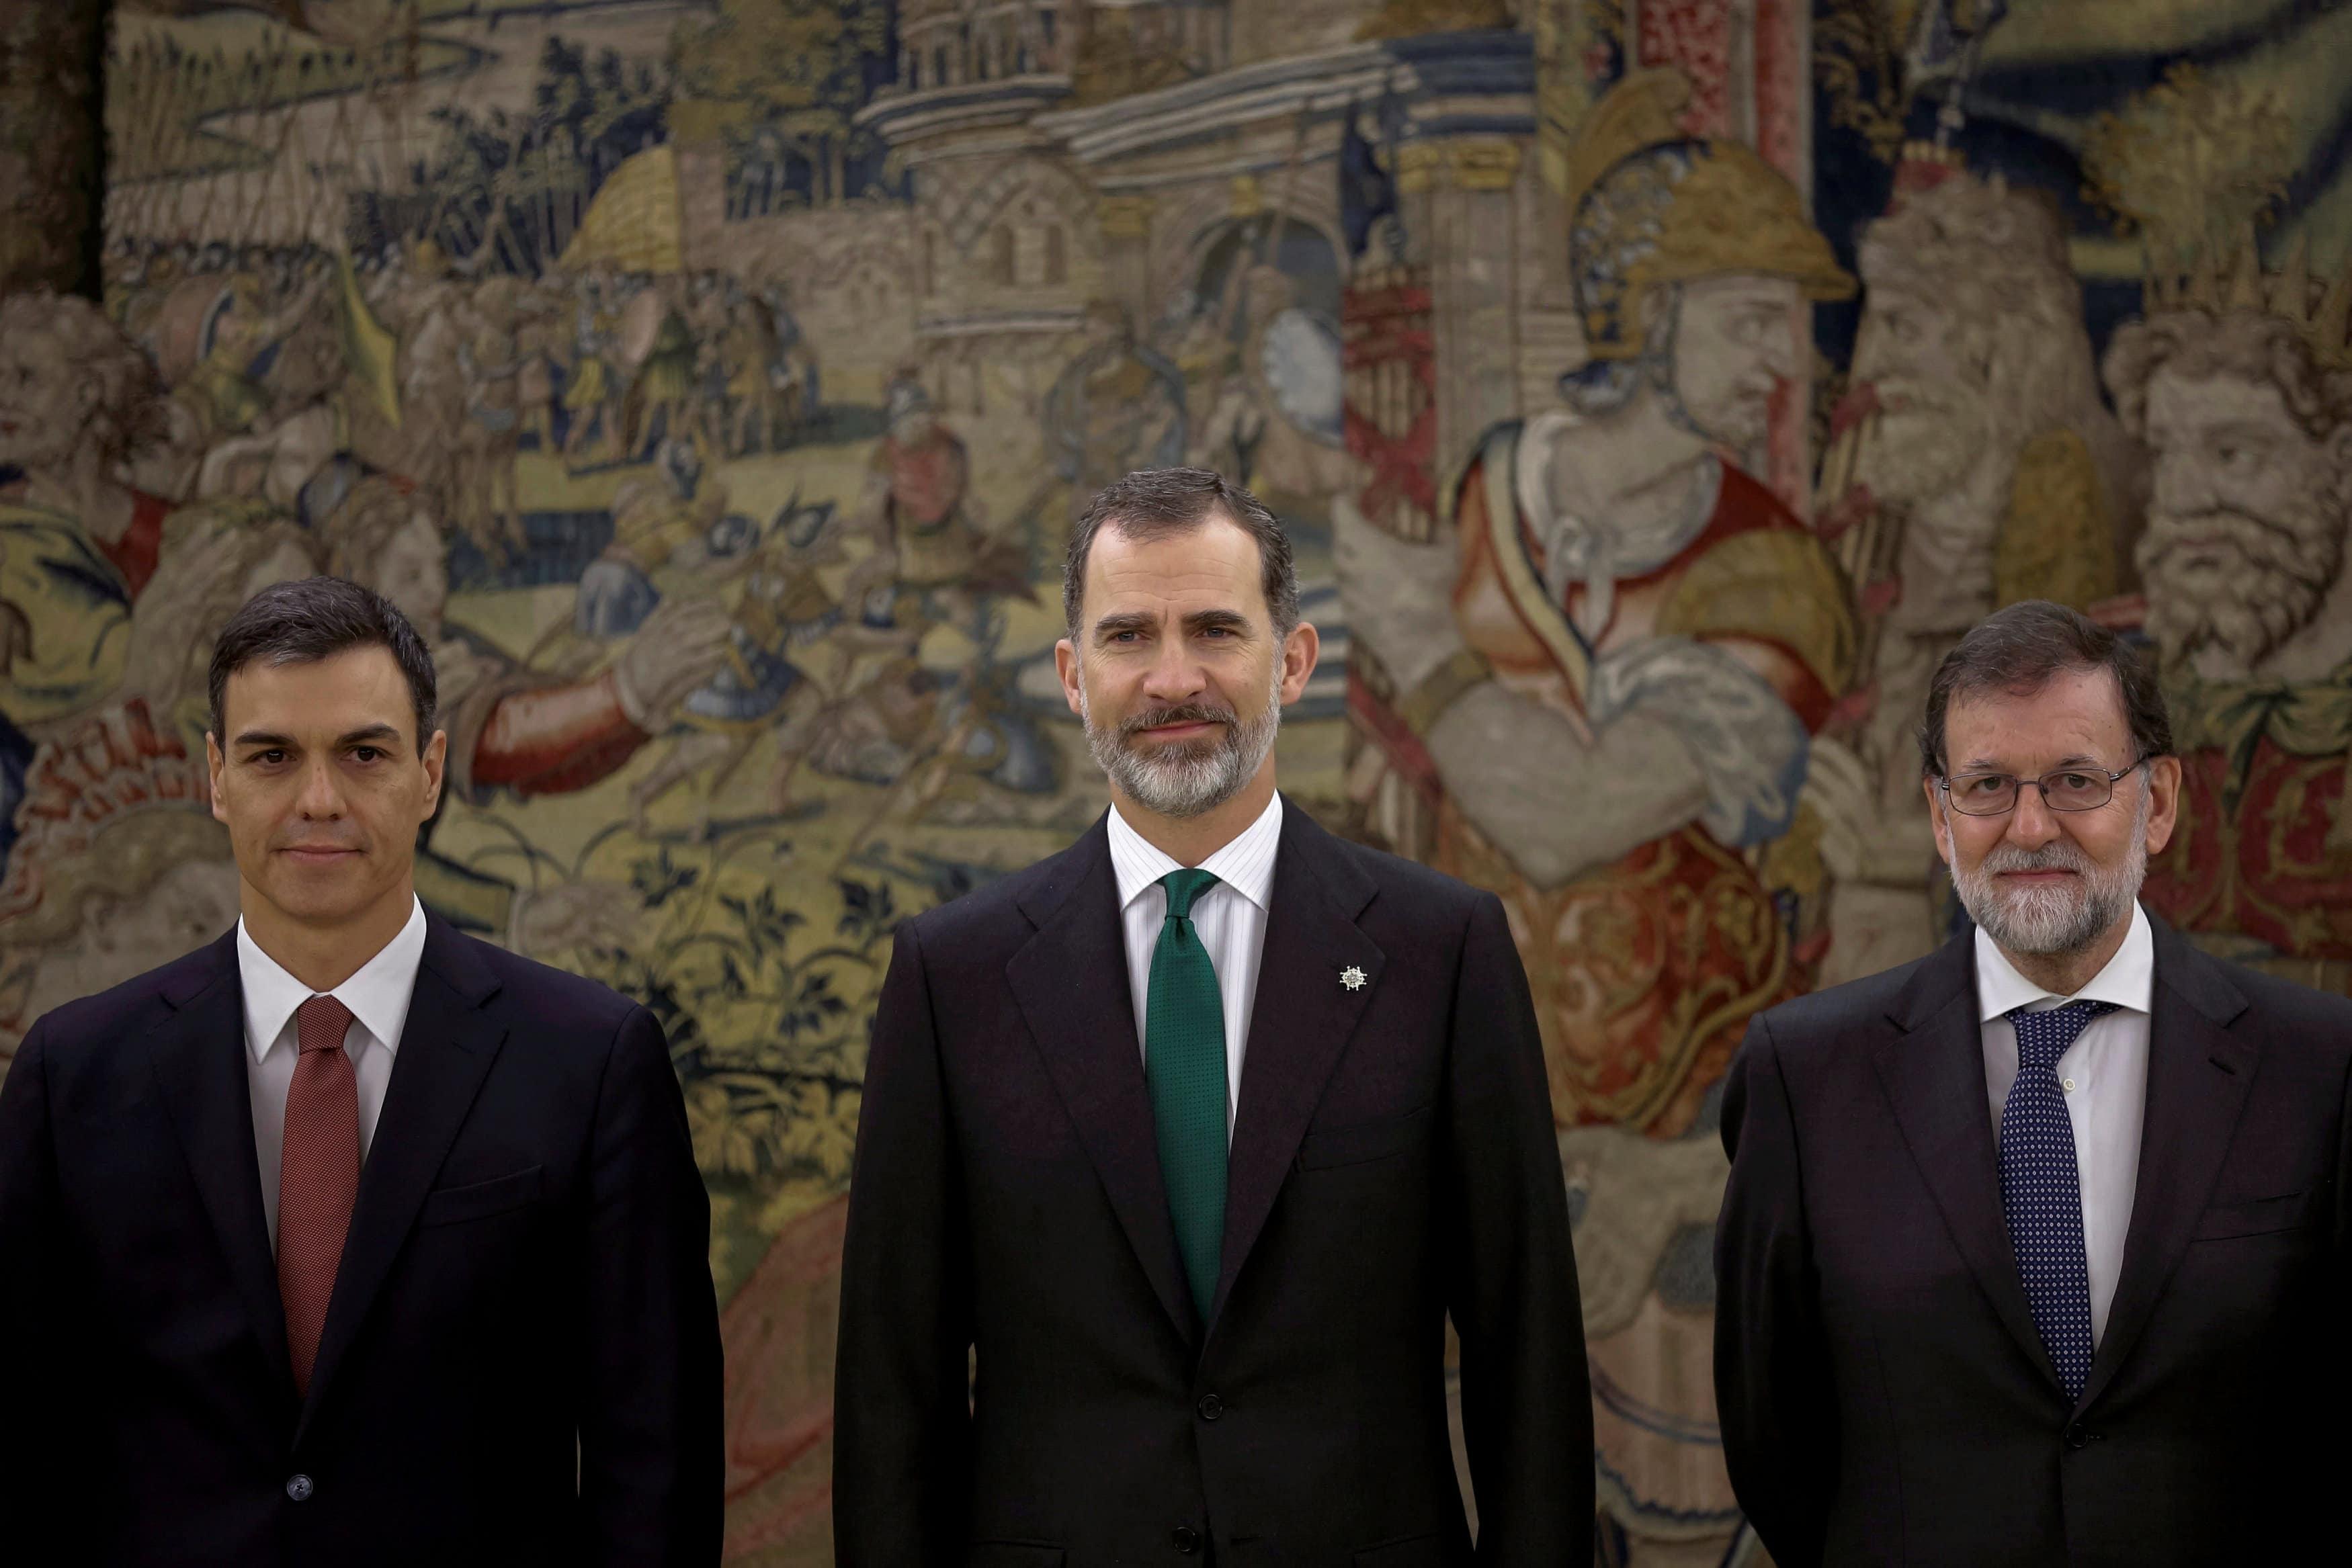 Pedro Sanchez sworn in as Spain's Prime Minister